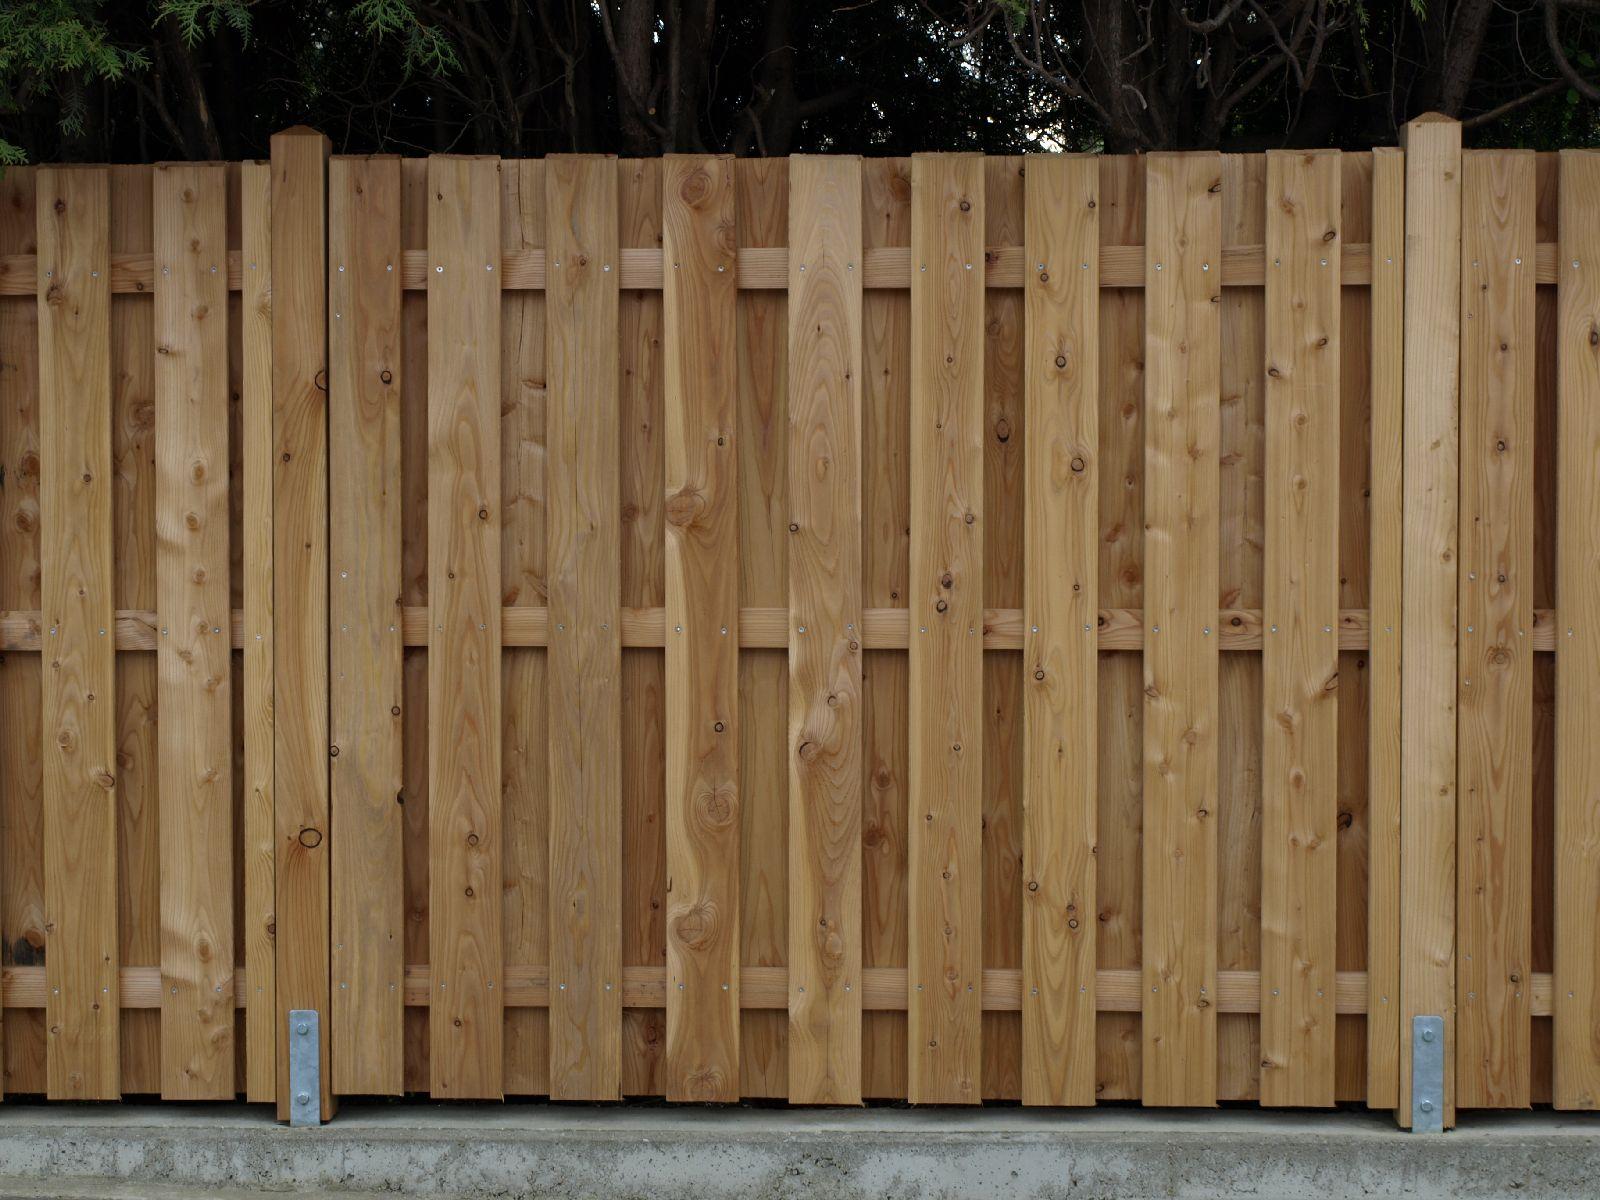 Building_Texture_A_P4241798